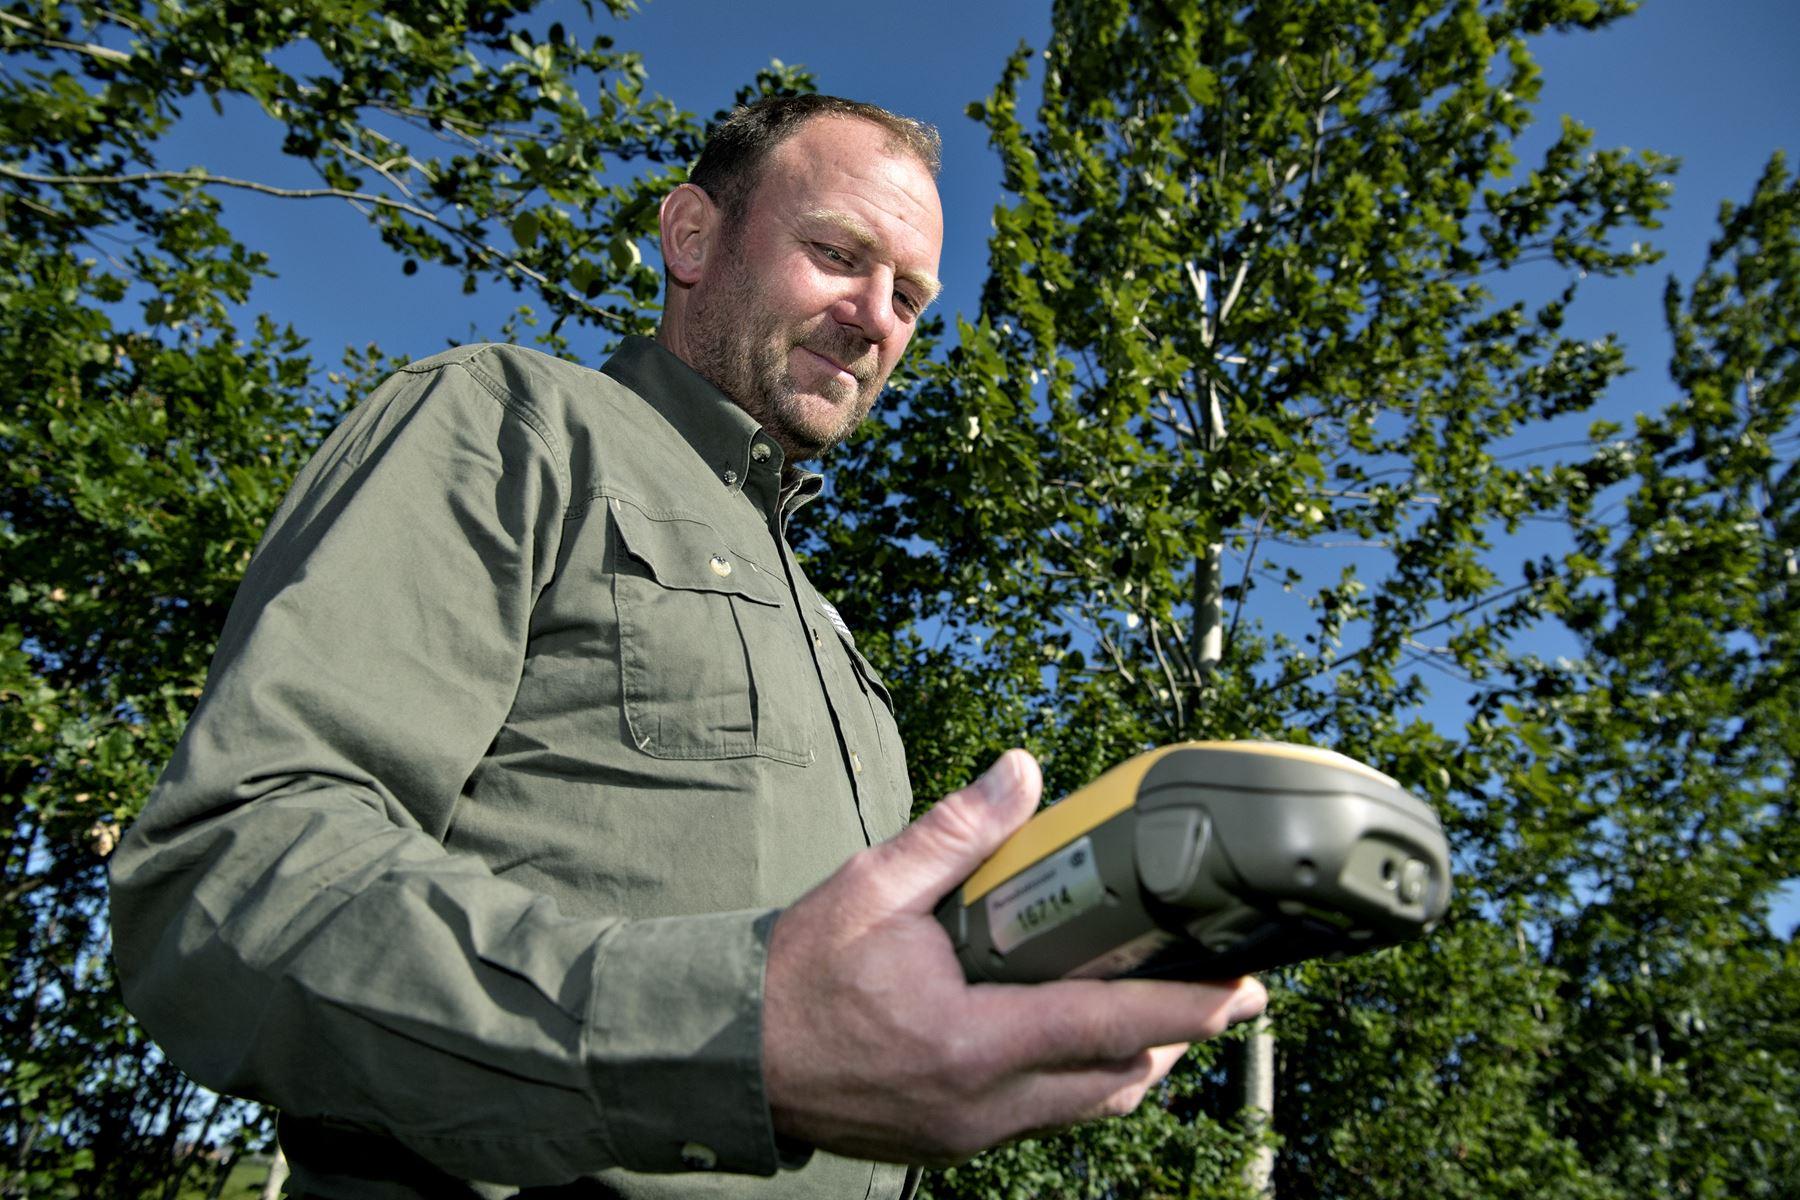 Jordbrugskontrollør Jens Christian Jensen holder øje med økologi, medicinforbrug, dyrevelfærd og meget andet